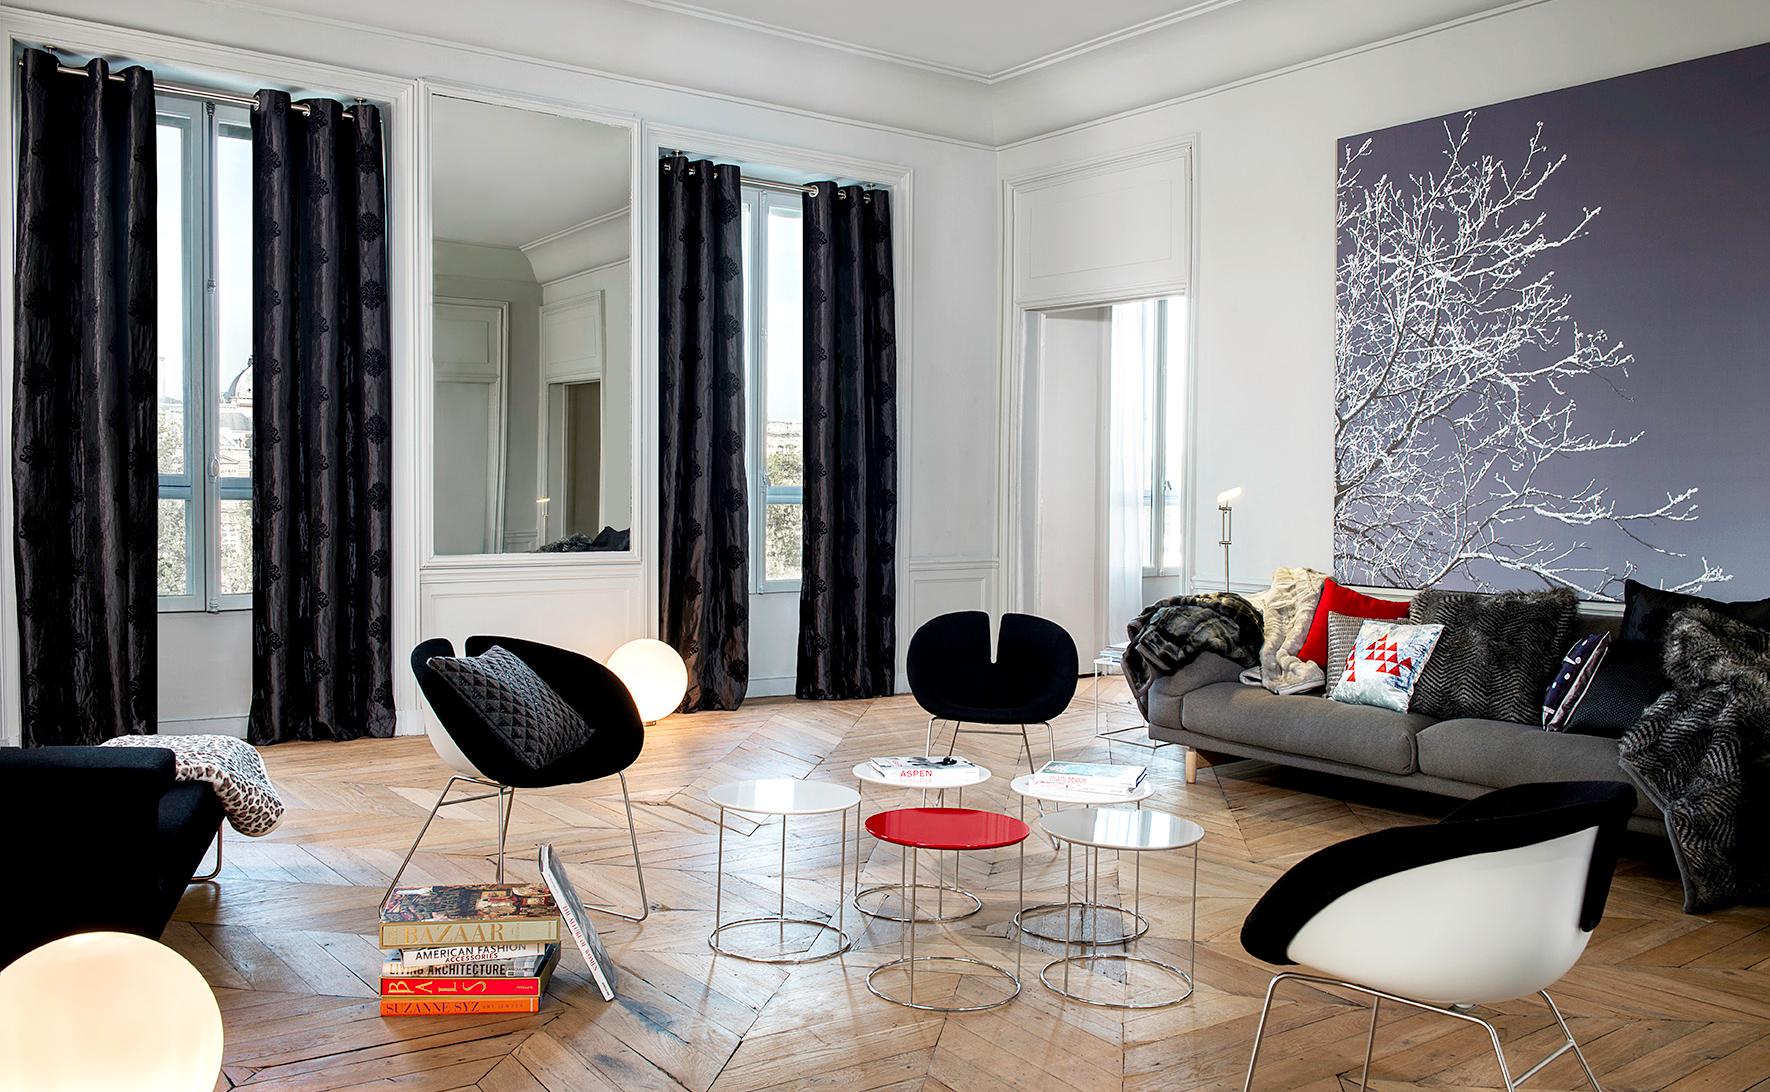 Comment Isoler Un Plafond Contre Le Bruit comment réduire les nuisances sonores en appartement